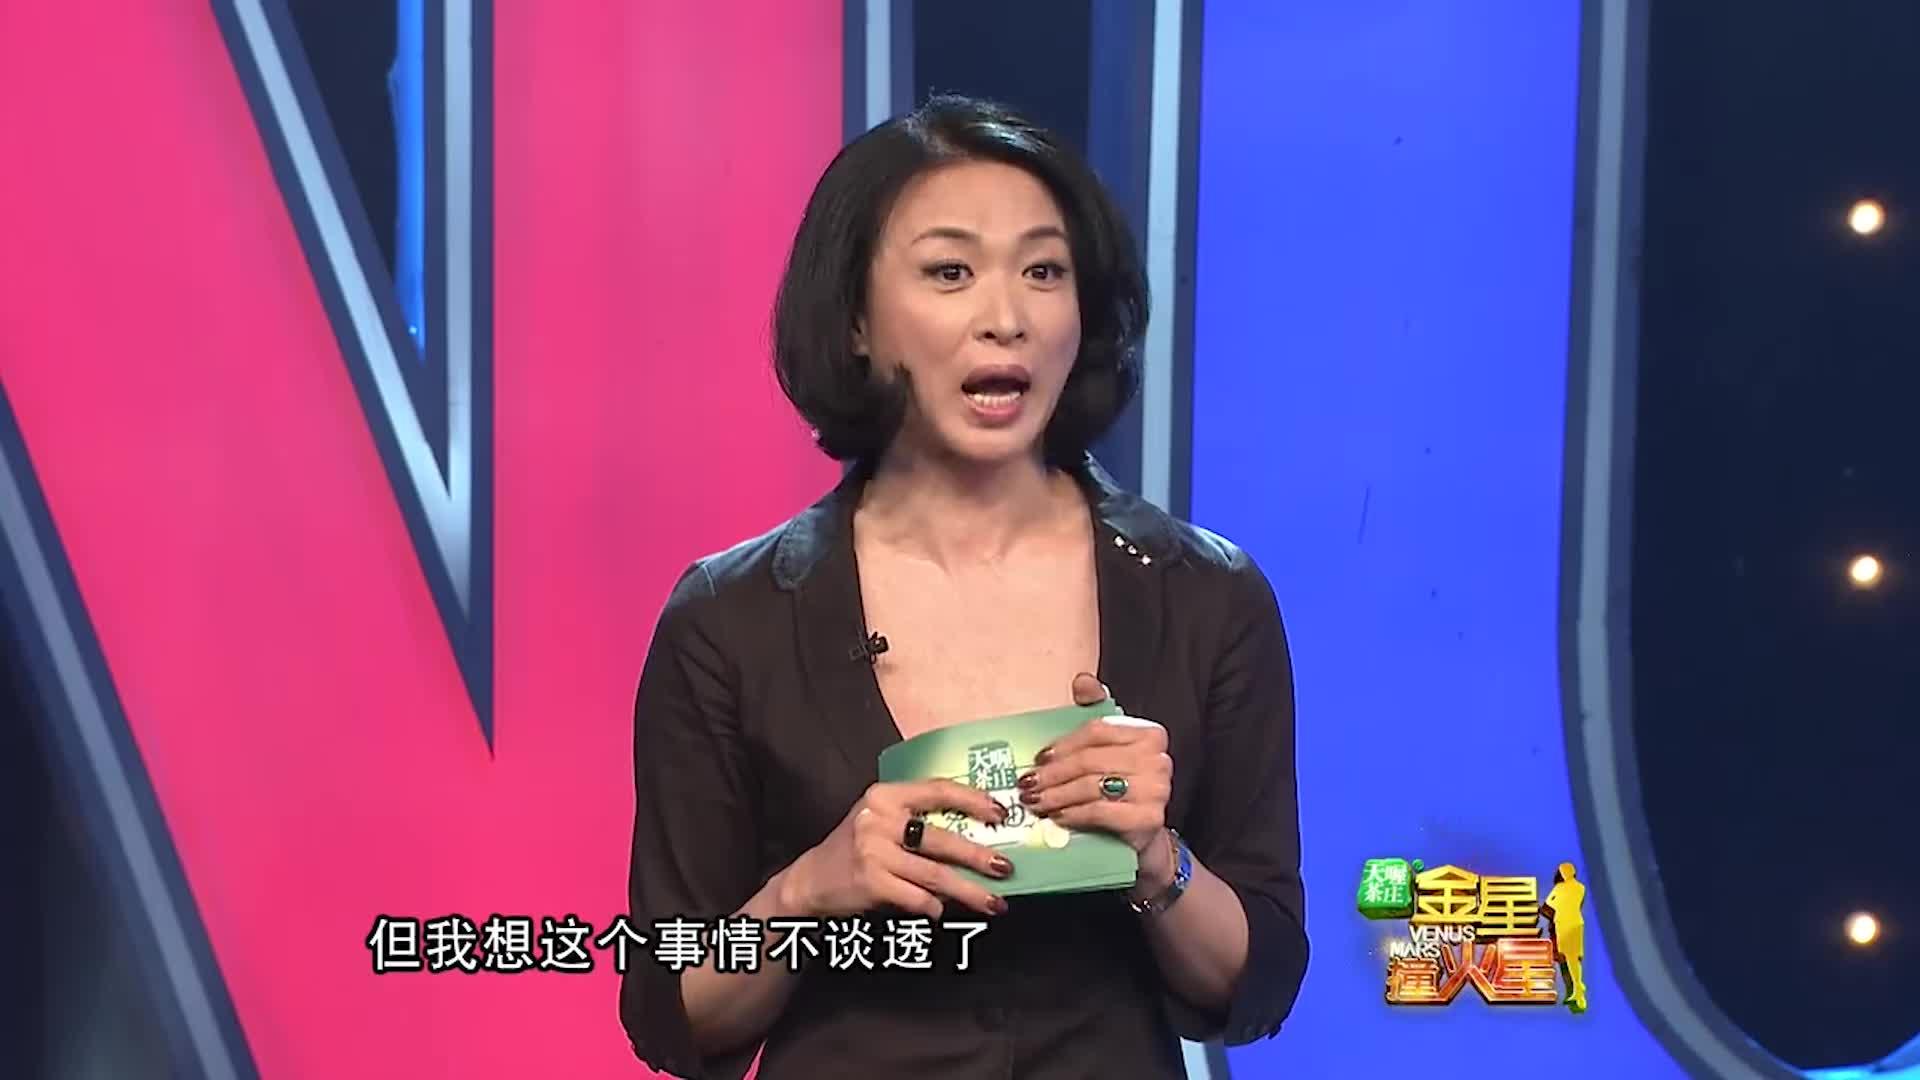 综艺:专家追问酸奶安全问题,却被完达山副总说心里有障碍!